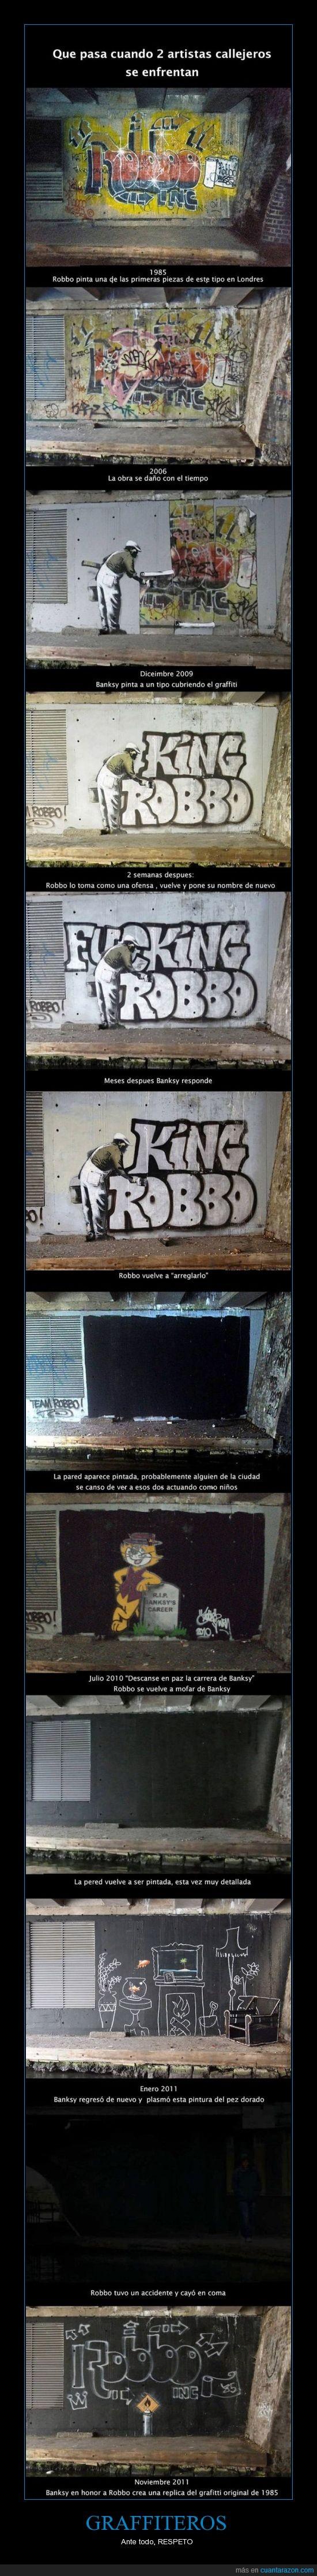 bansky,graffiti,pintura,respect,robbo